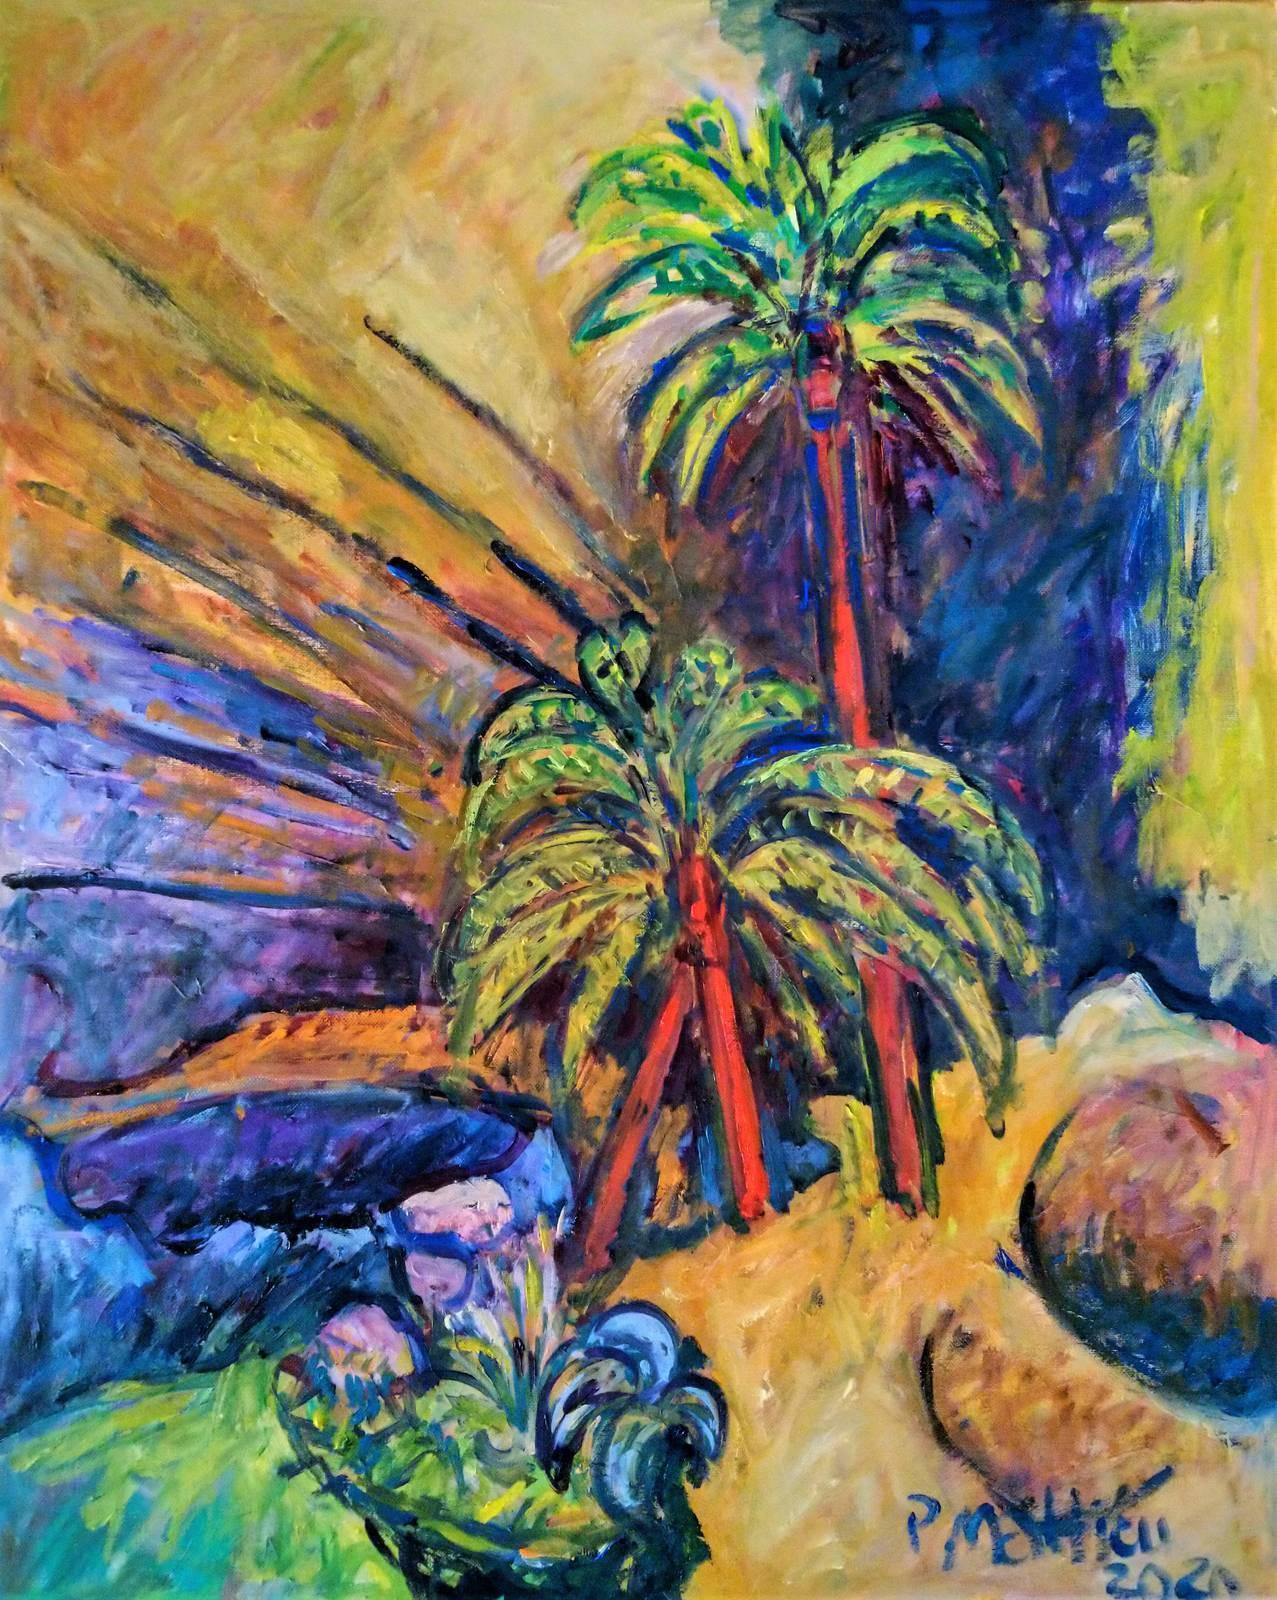 Patrick Mathieu - Artiste Peintre - Toile - Oued saharien